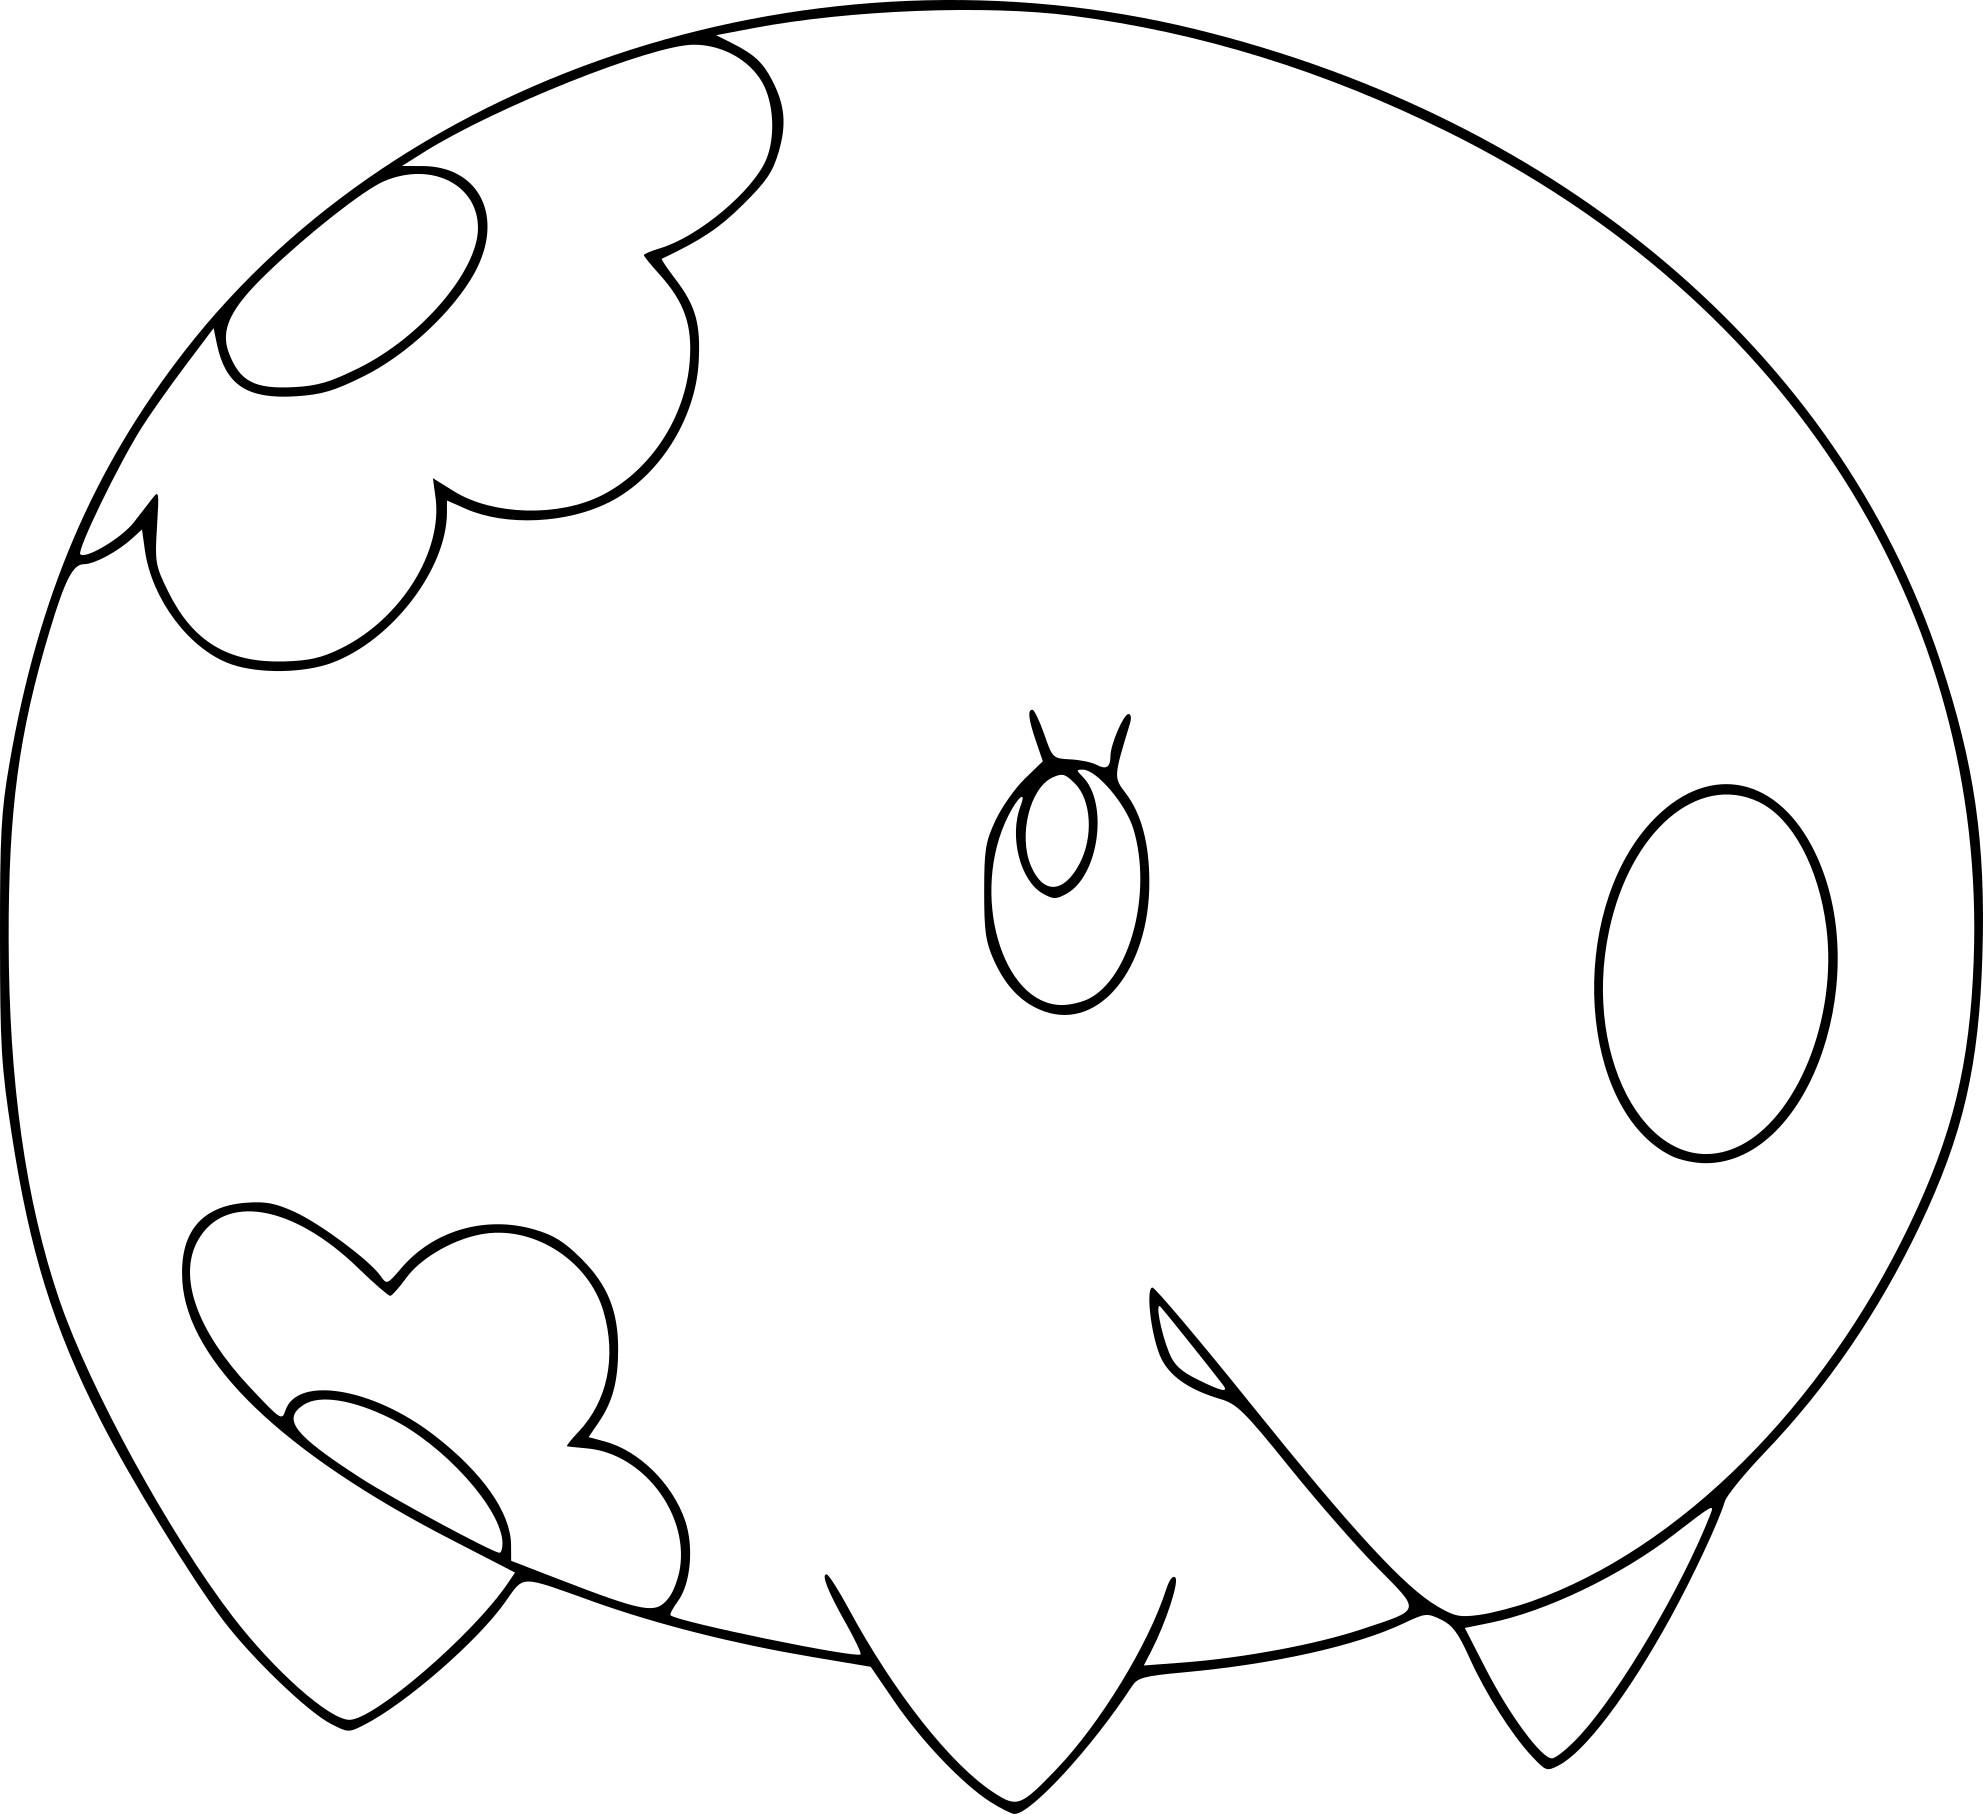 Coloriage Munna Pokemon A Imprimer